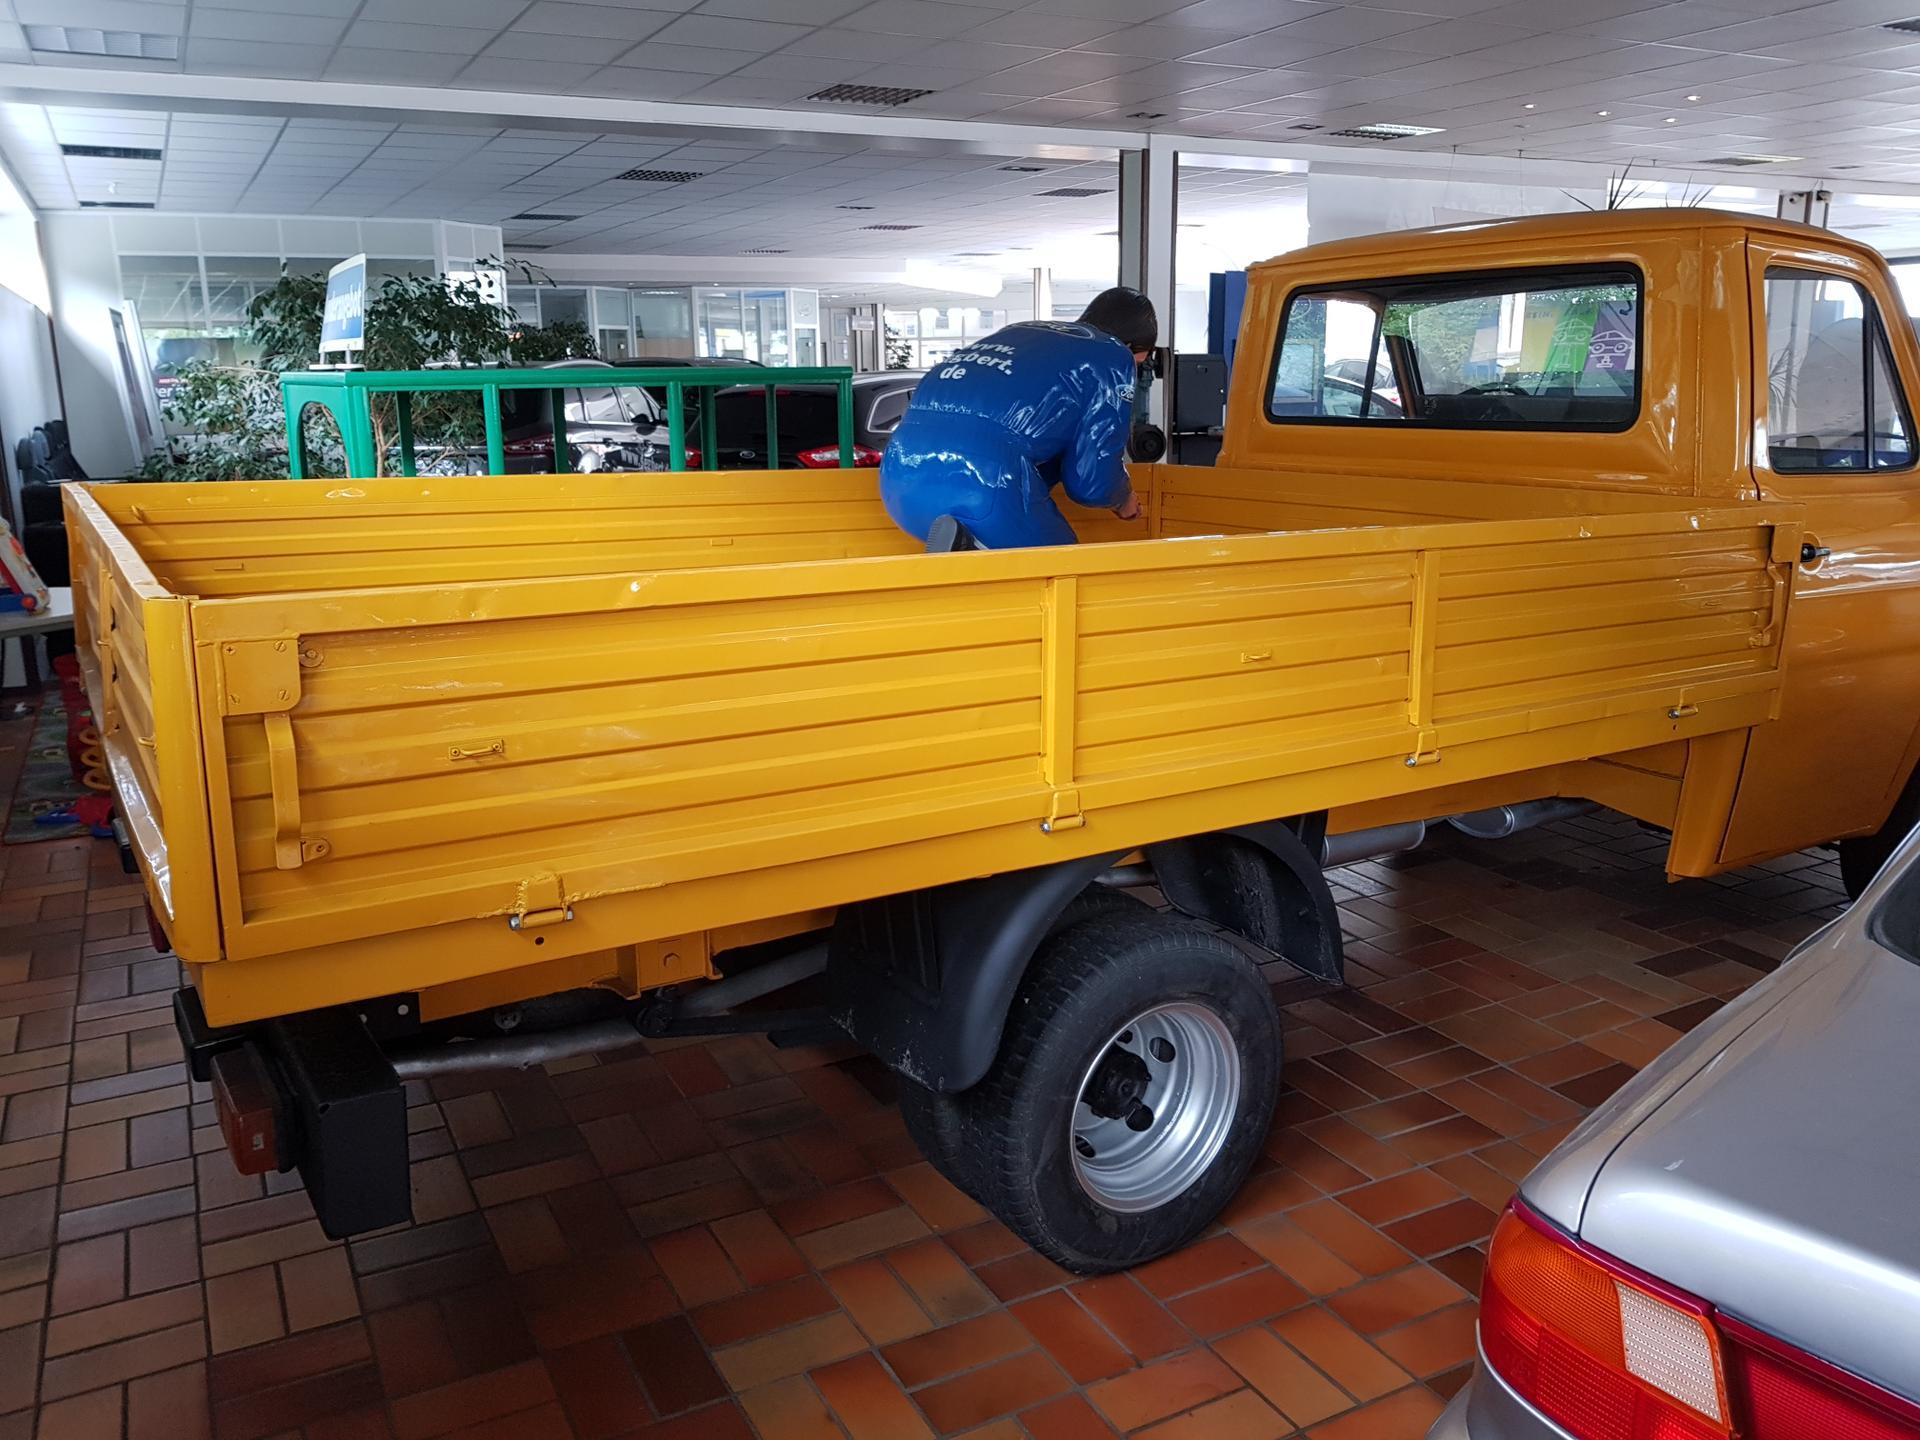 ford transit transporter 78 lcx eu neuwagen jahreswagen gebrauchtwagen. Black Bedroom Furniture Sets. Home Design Ideas